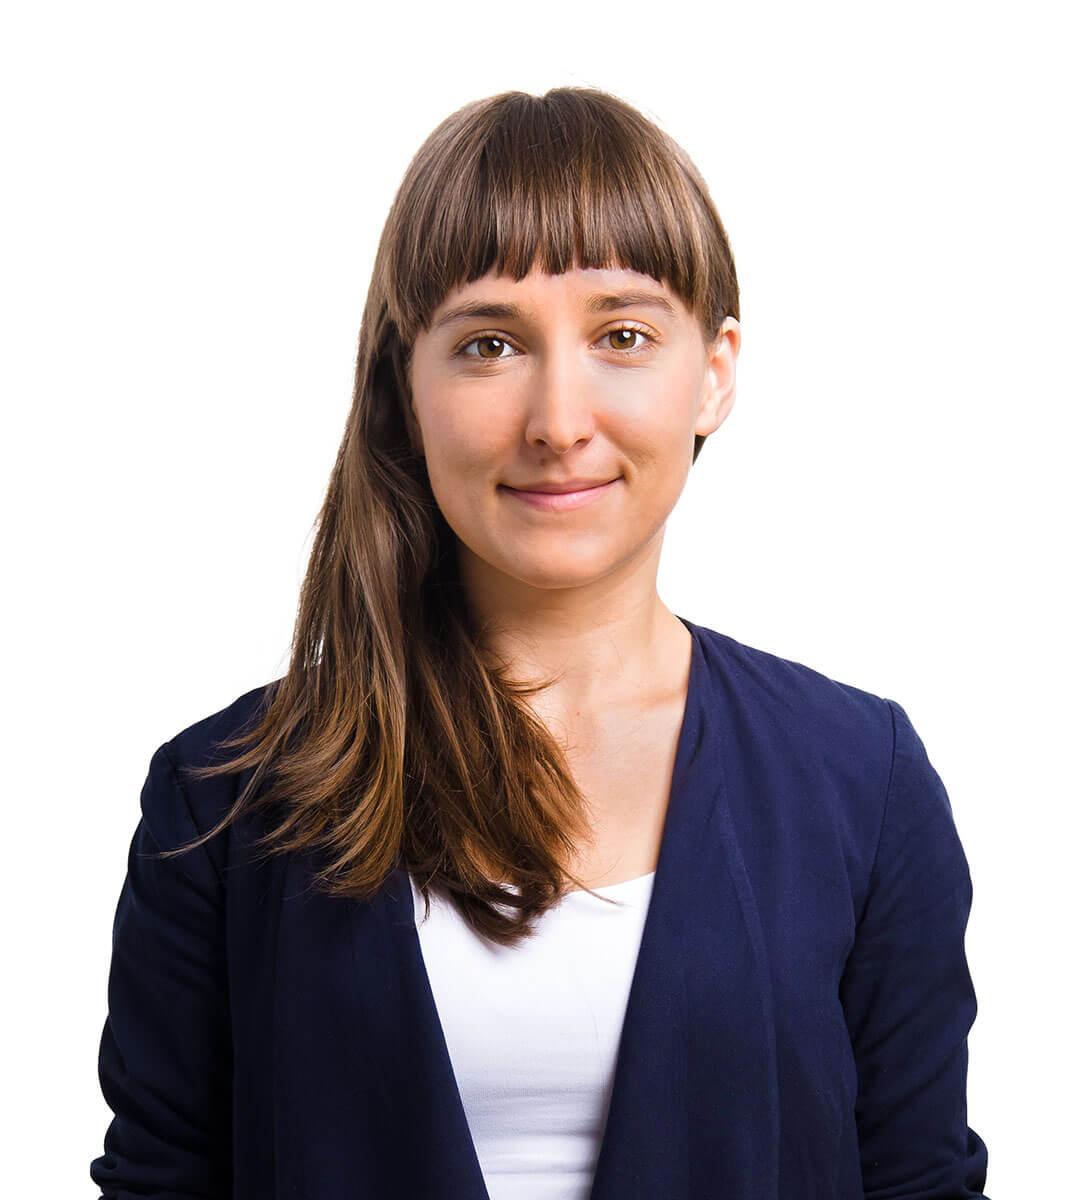 Karolina Wójcik